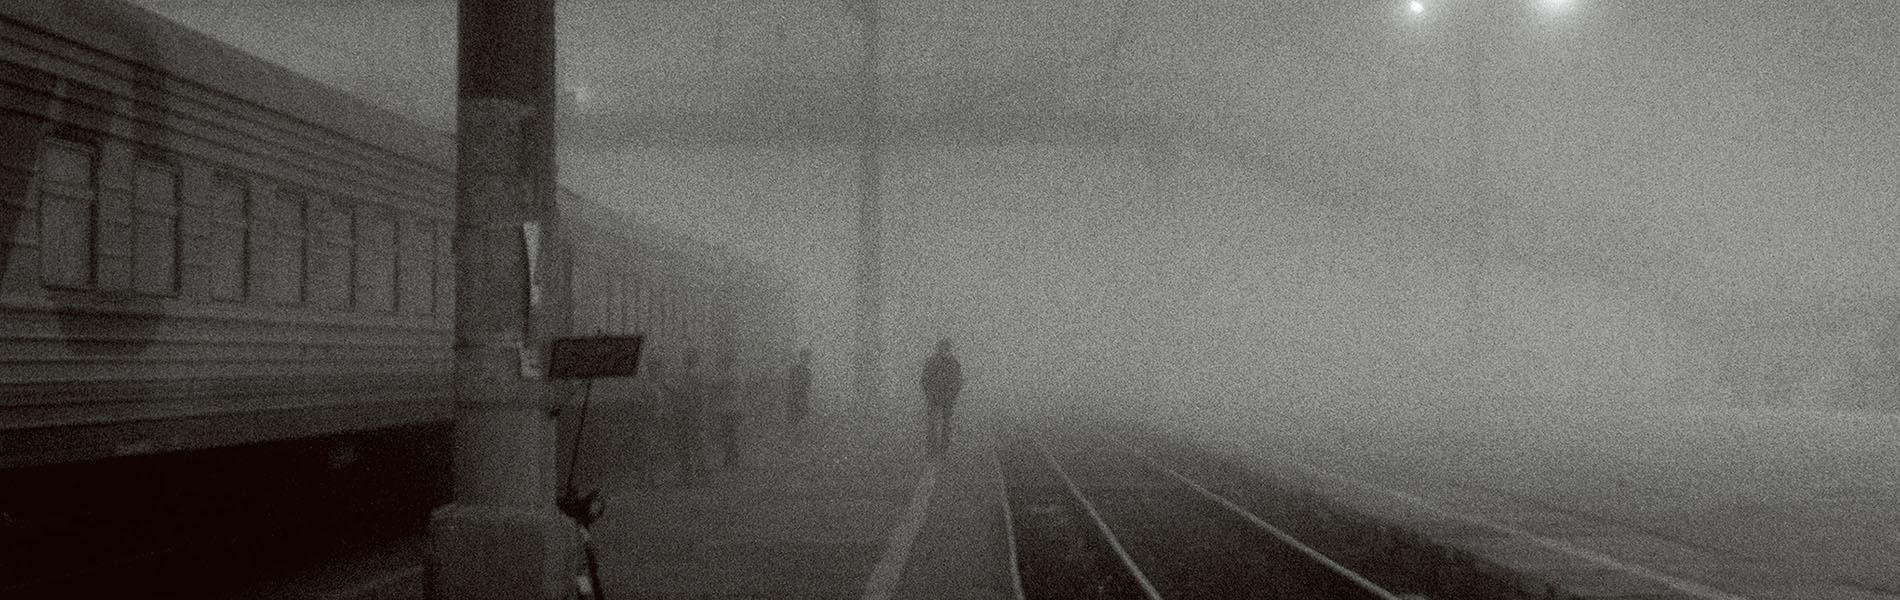 2021年 早秋企画展 小池貴之写真展「Домой – シベリア鉄道 -」